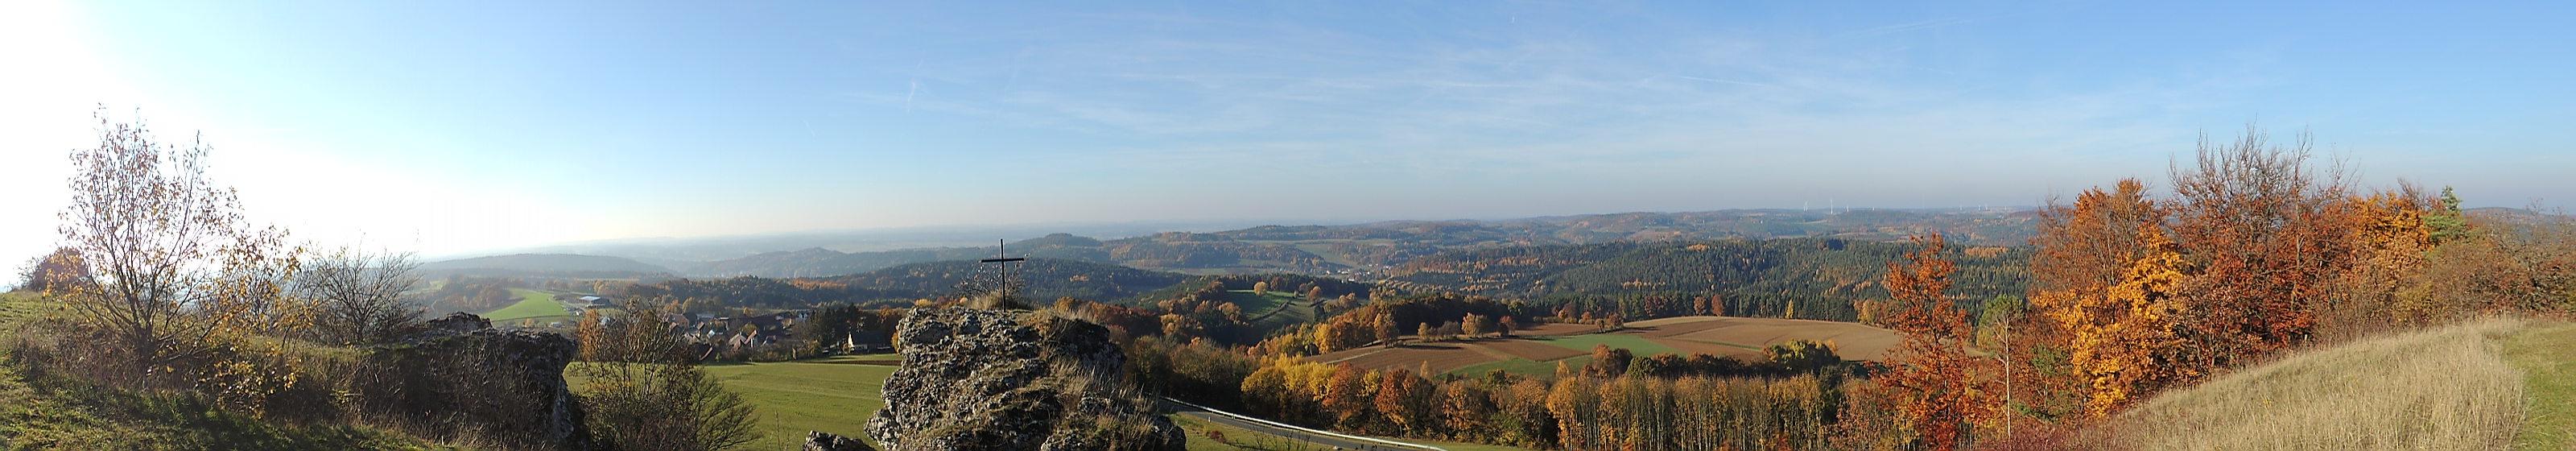 Neubürg - Panorama 004